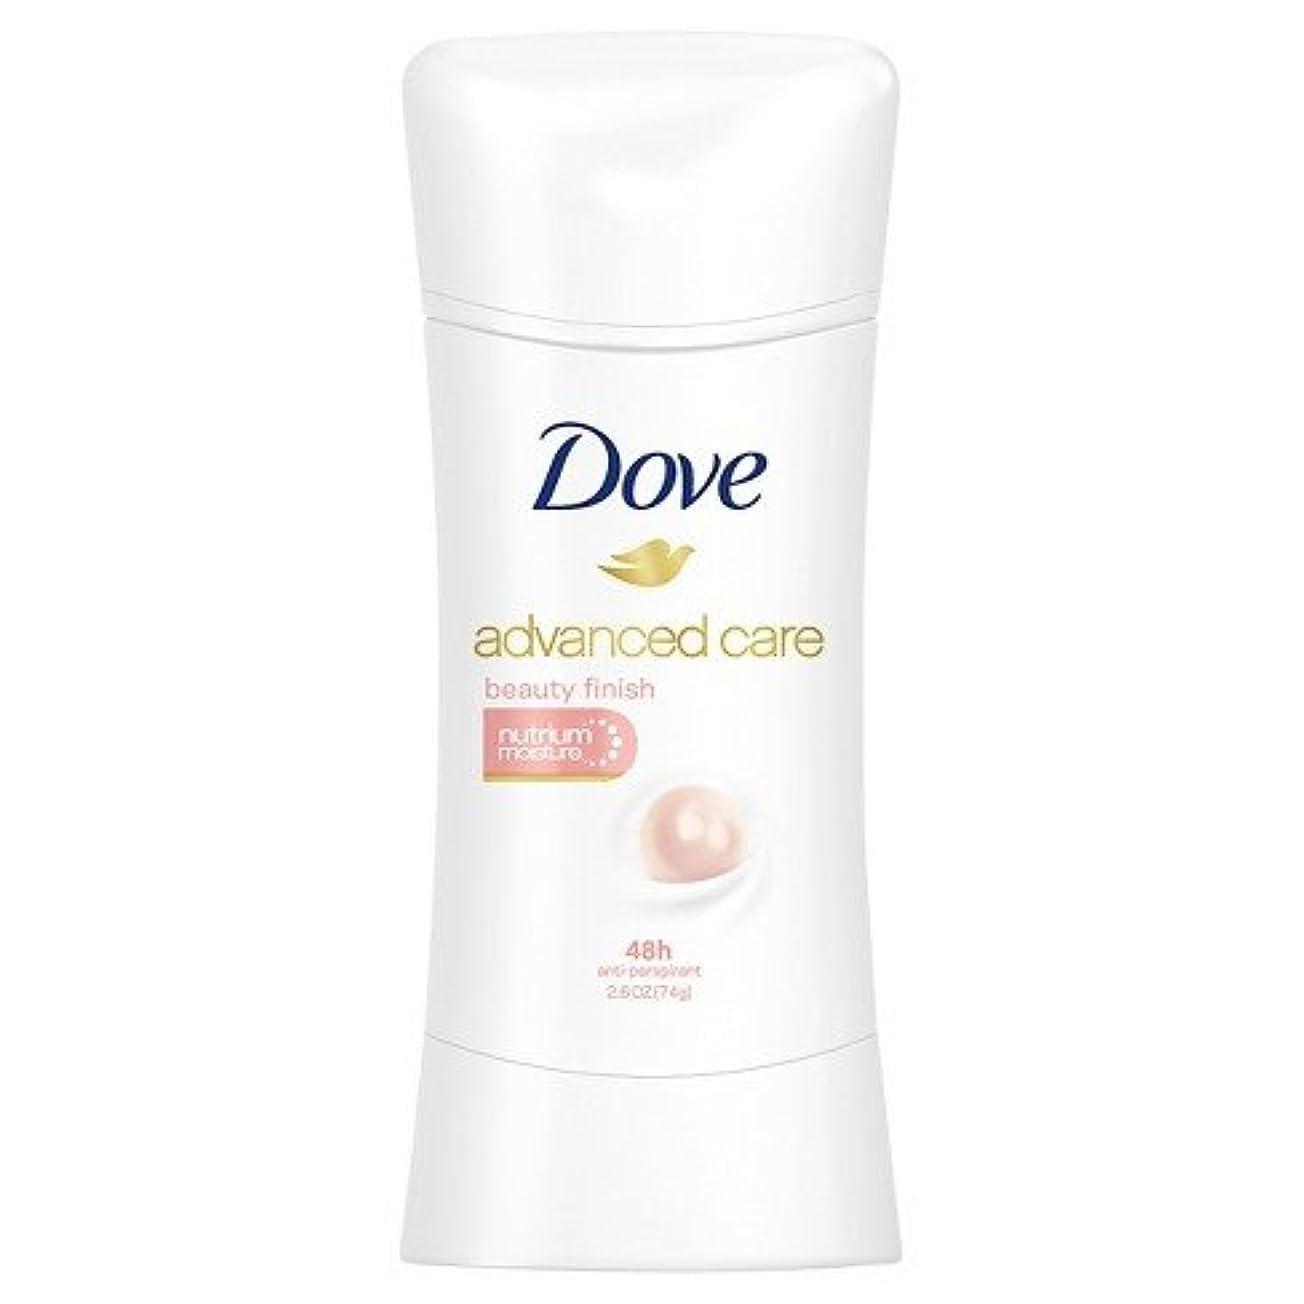 事実バーベキュー取り消すDove Advanced Care Beauty Finish Antiperspirant Deodorant 2.6 oz ダブ アドバンスドケア ビューティーフィニッシュ デオドラント 74g [並行輸入品]